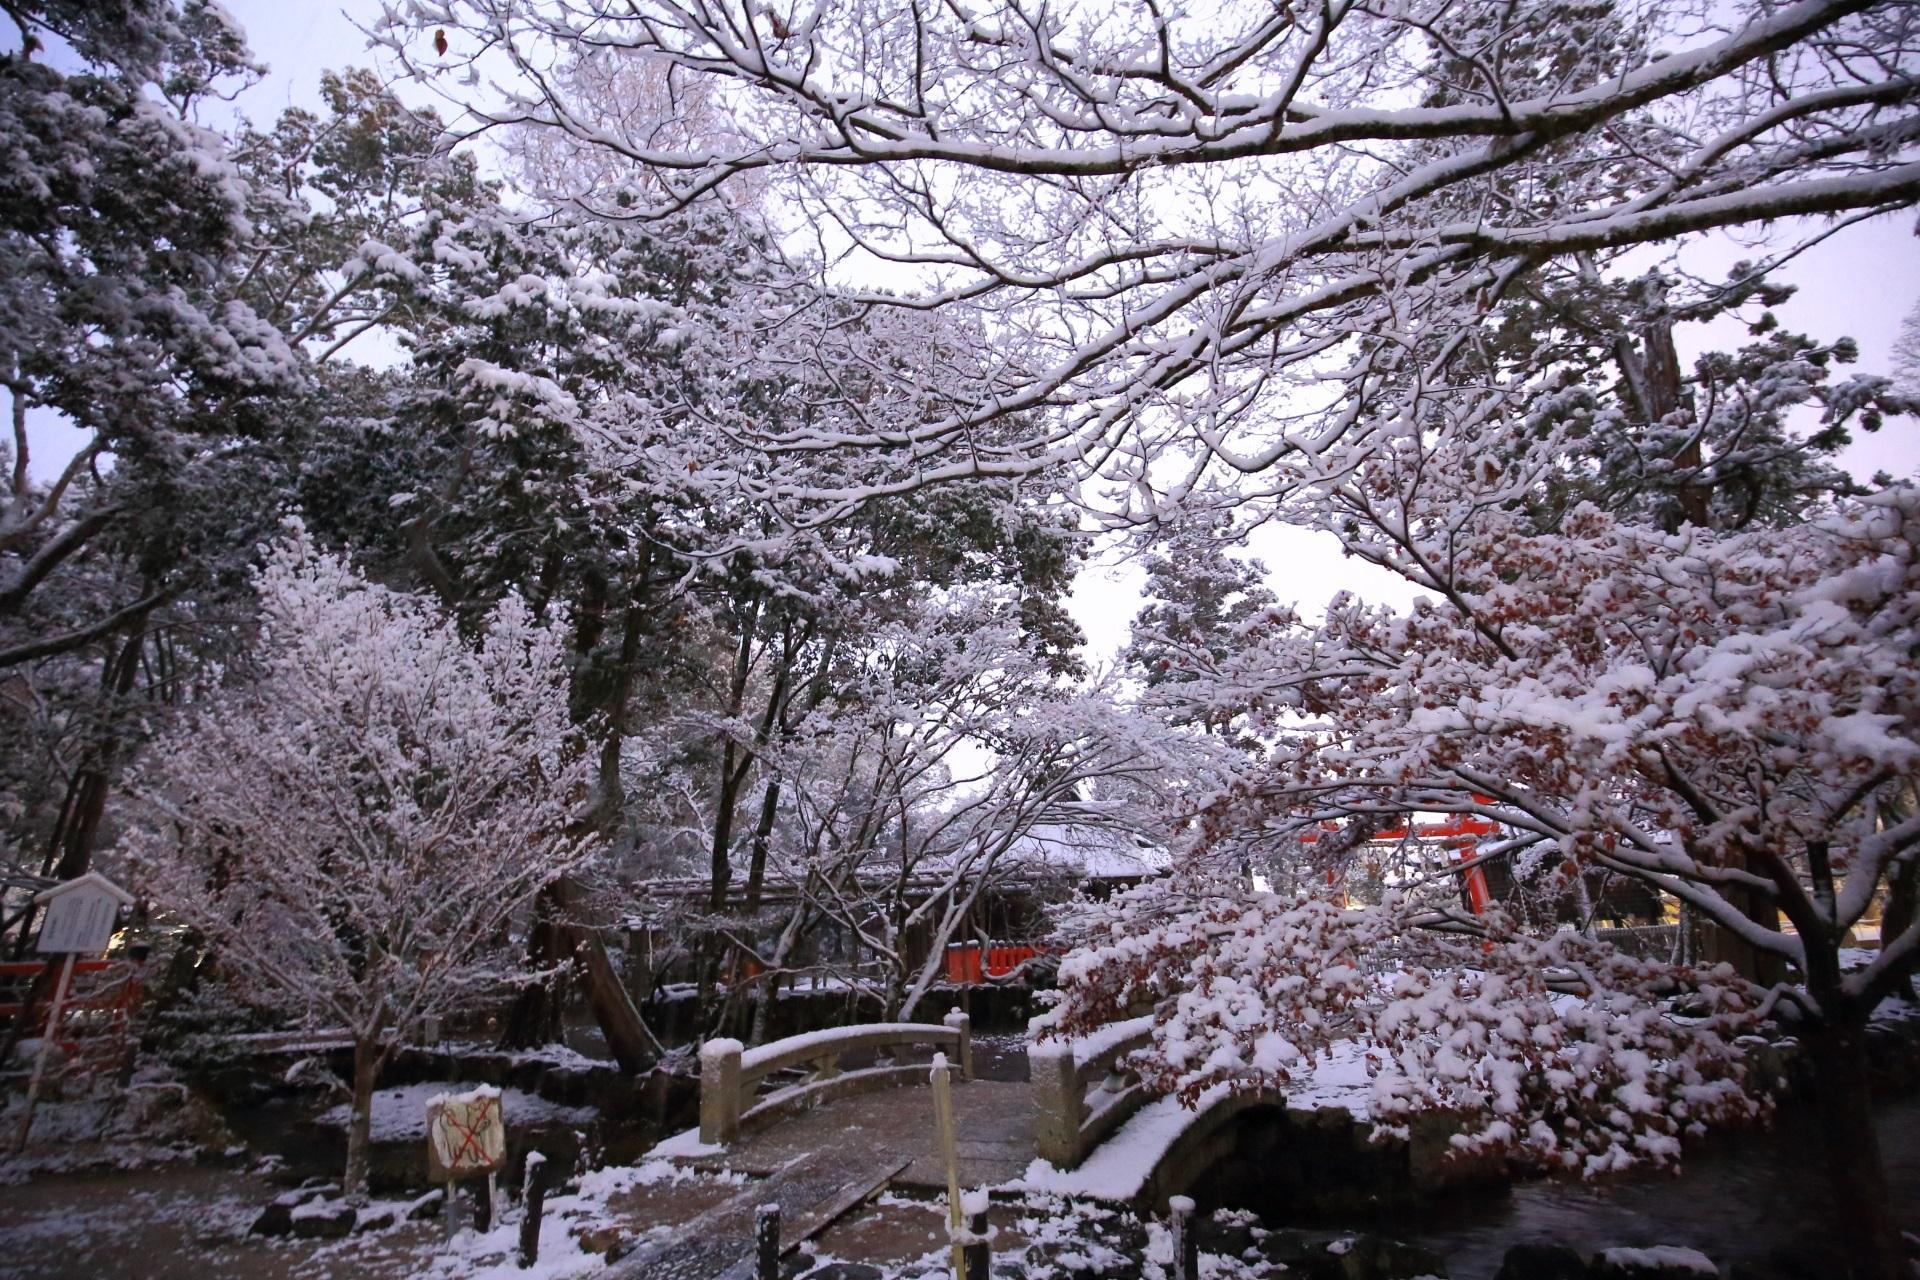 上賀茂神社のならの小川で咲き誇る多様な雪の華